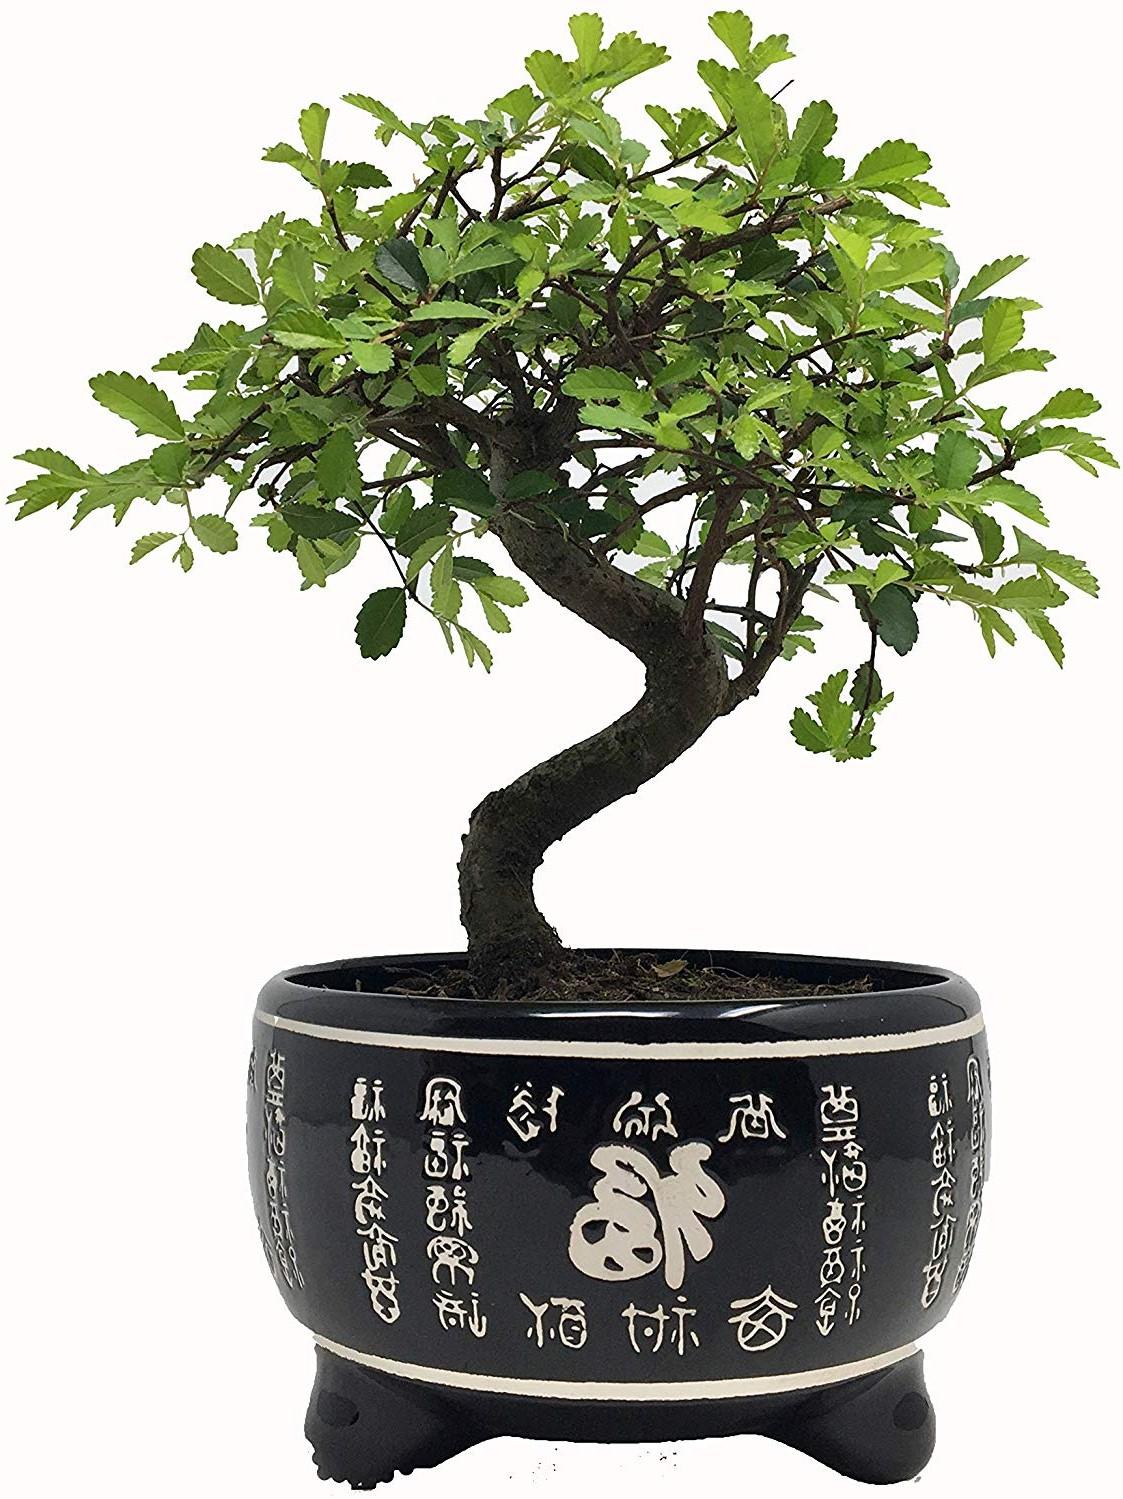 En fait, la plupart des bonsaï devraient être placés à l'extérieur, où ils sont exposés aux quatre saisons, tout comme les arbres normaux.